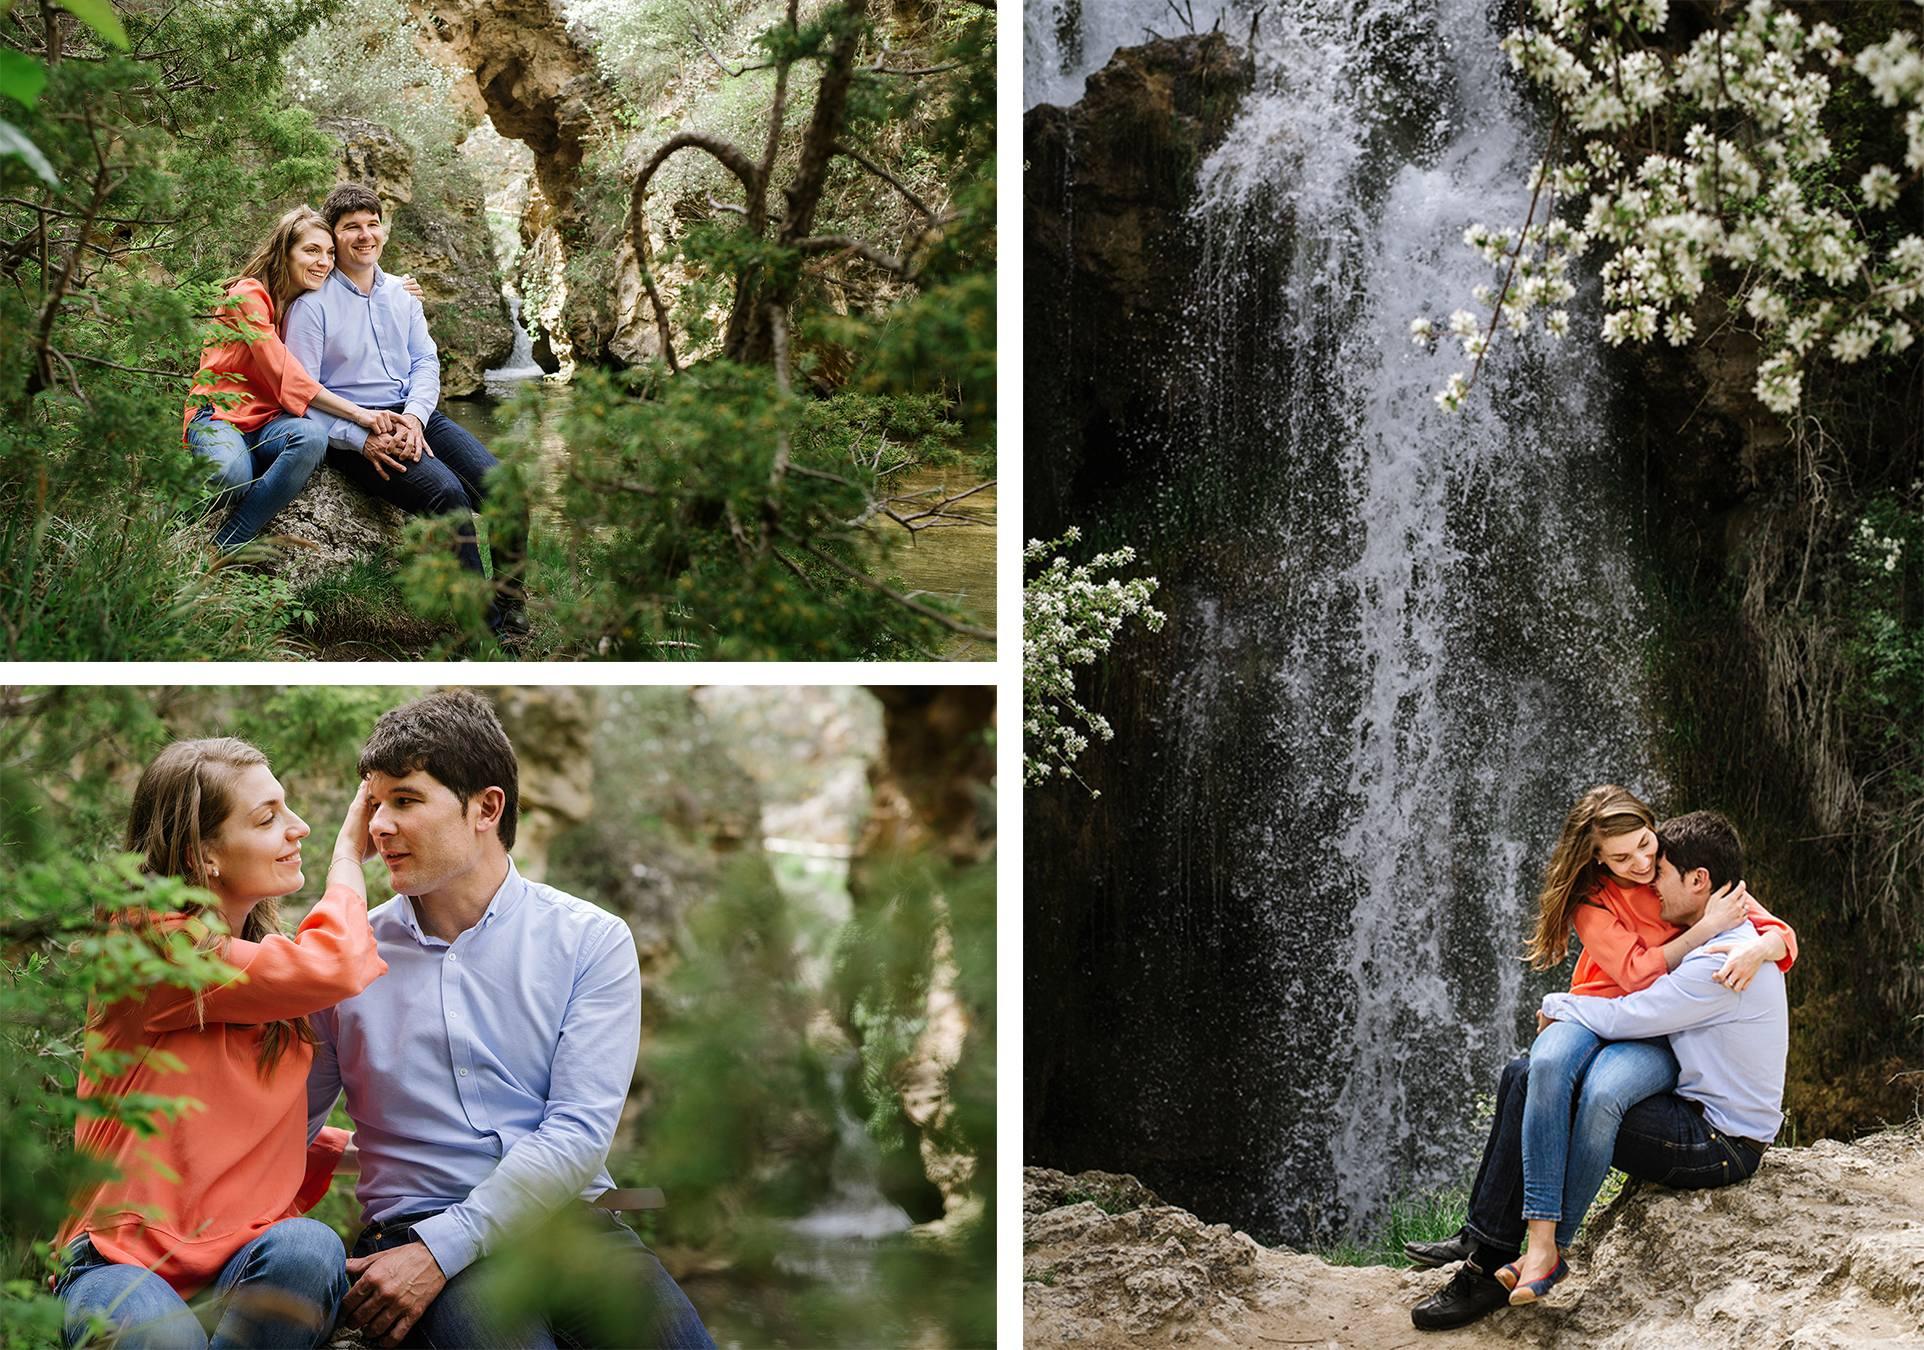 fotografo-bodas-zaragoza-preboda-sierra-de-albarracin-009